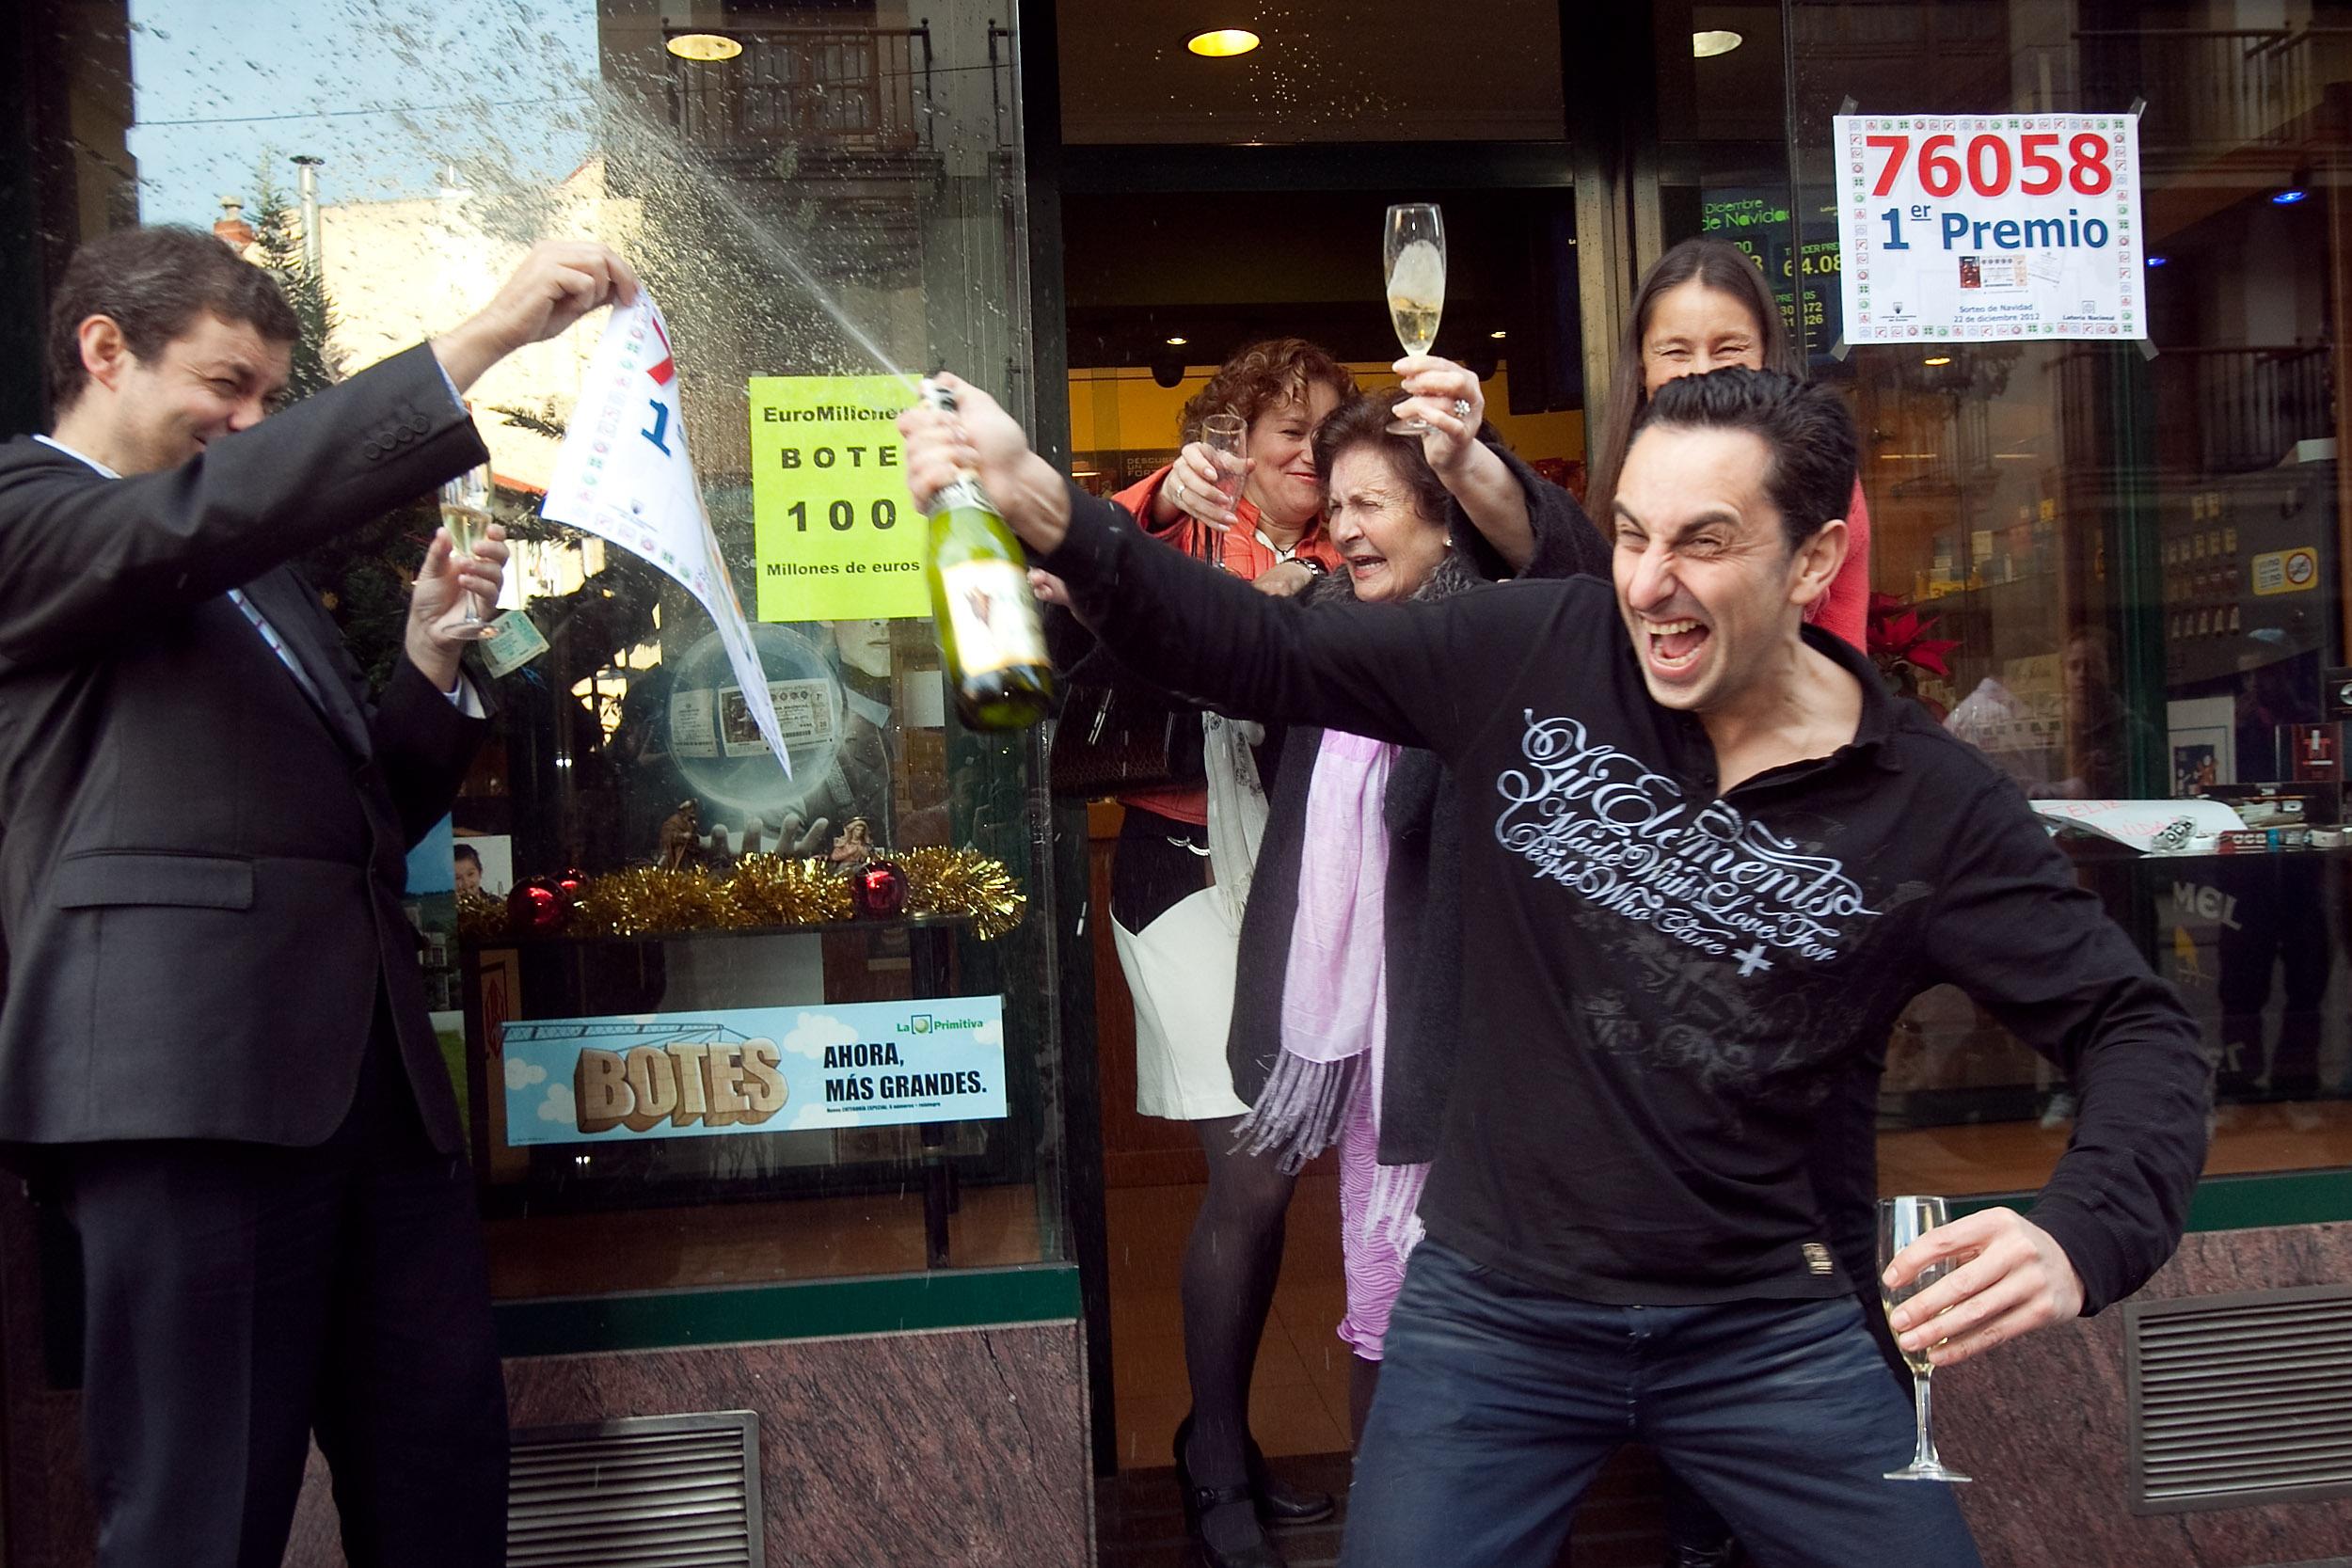 El gordo de la lotería de Navidad cae en Oviedo. 21 de diciembre de 2012. © Miki López/La Nueva España